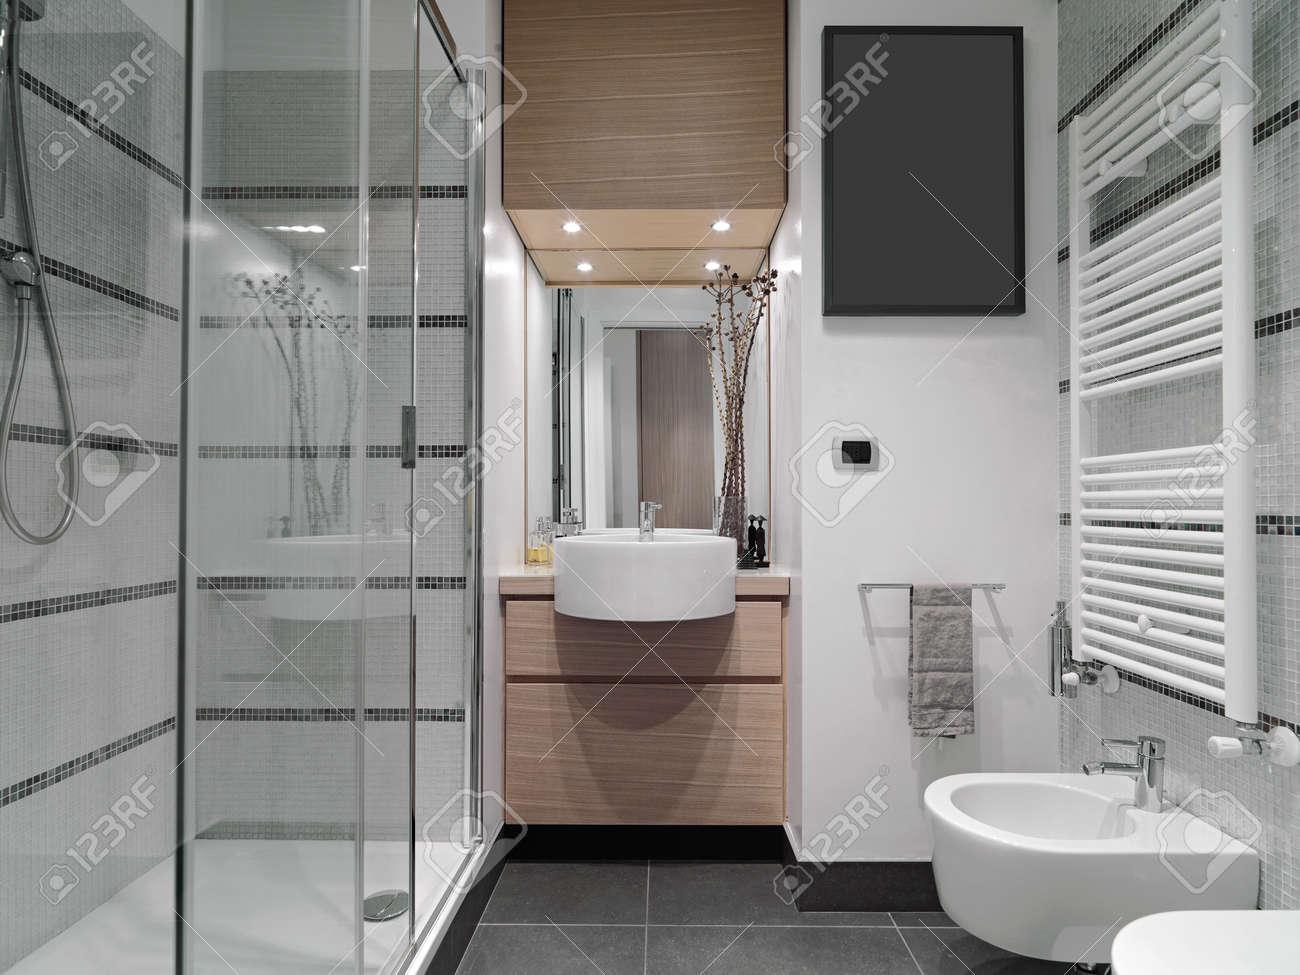 bagni moderni con vasca. esempio di una stanza da bagno padronale ... - Bagni Con Vasca Moderni